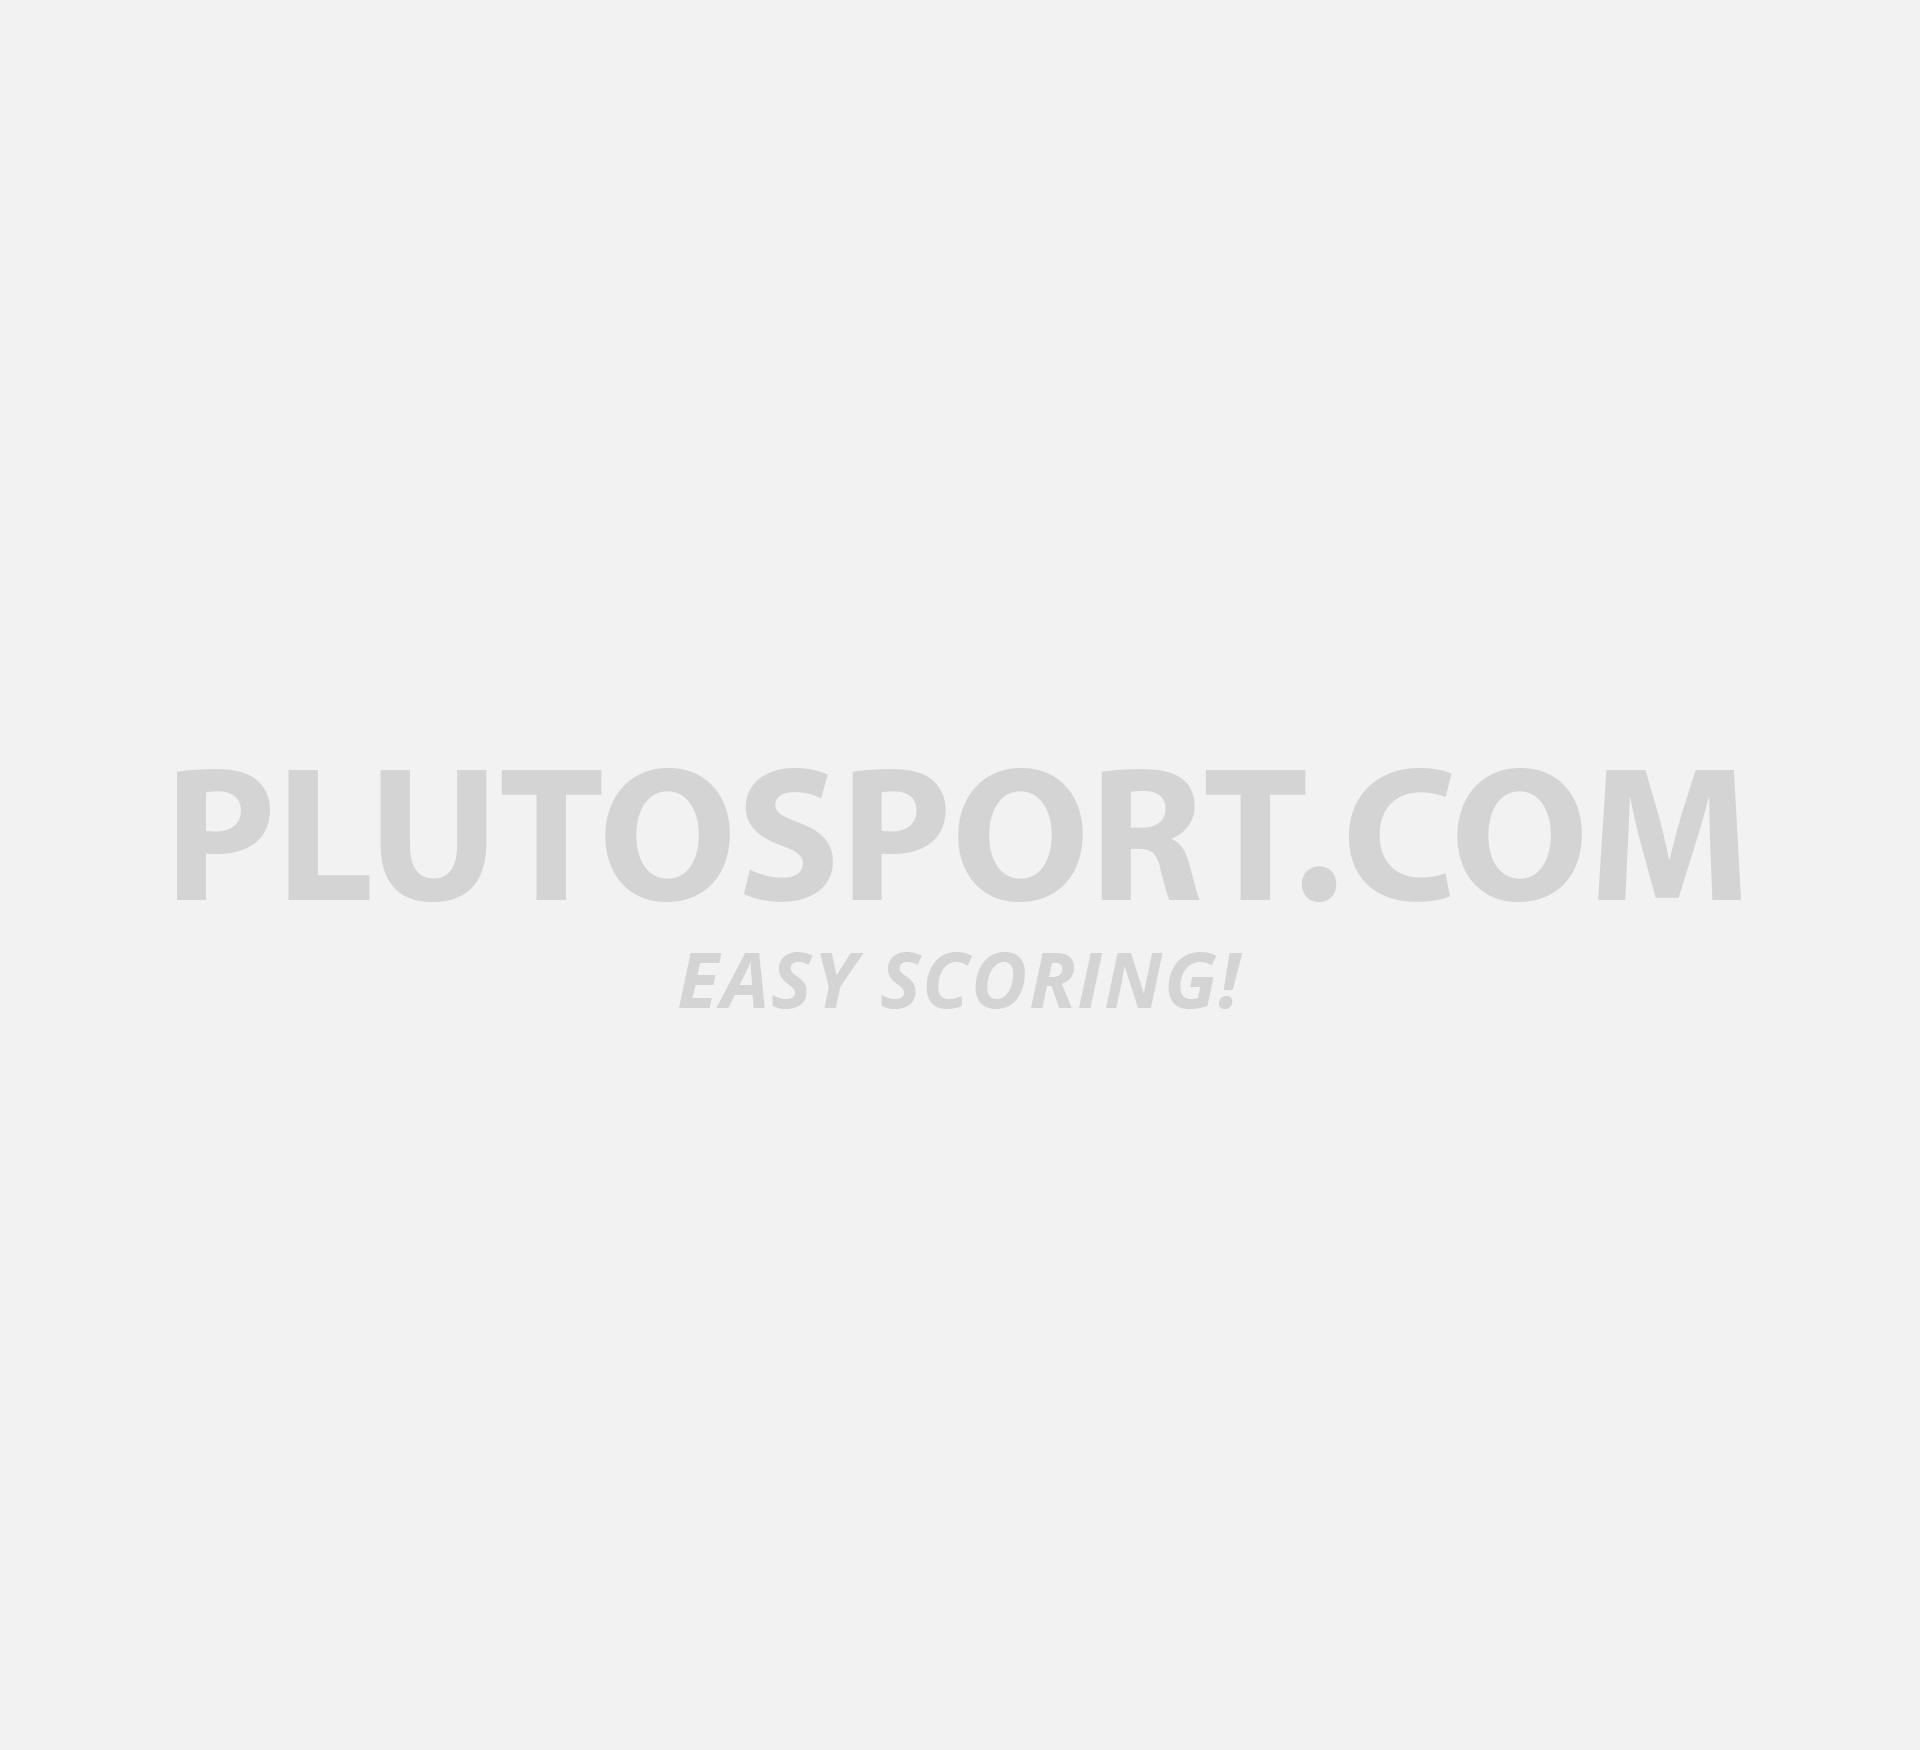 newest 13f3b 6de7a Nike Free Flyknit 5.0 Tr Emerald Size 7 Roshe Run | Unity Fvg